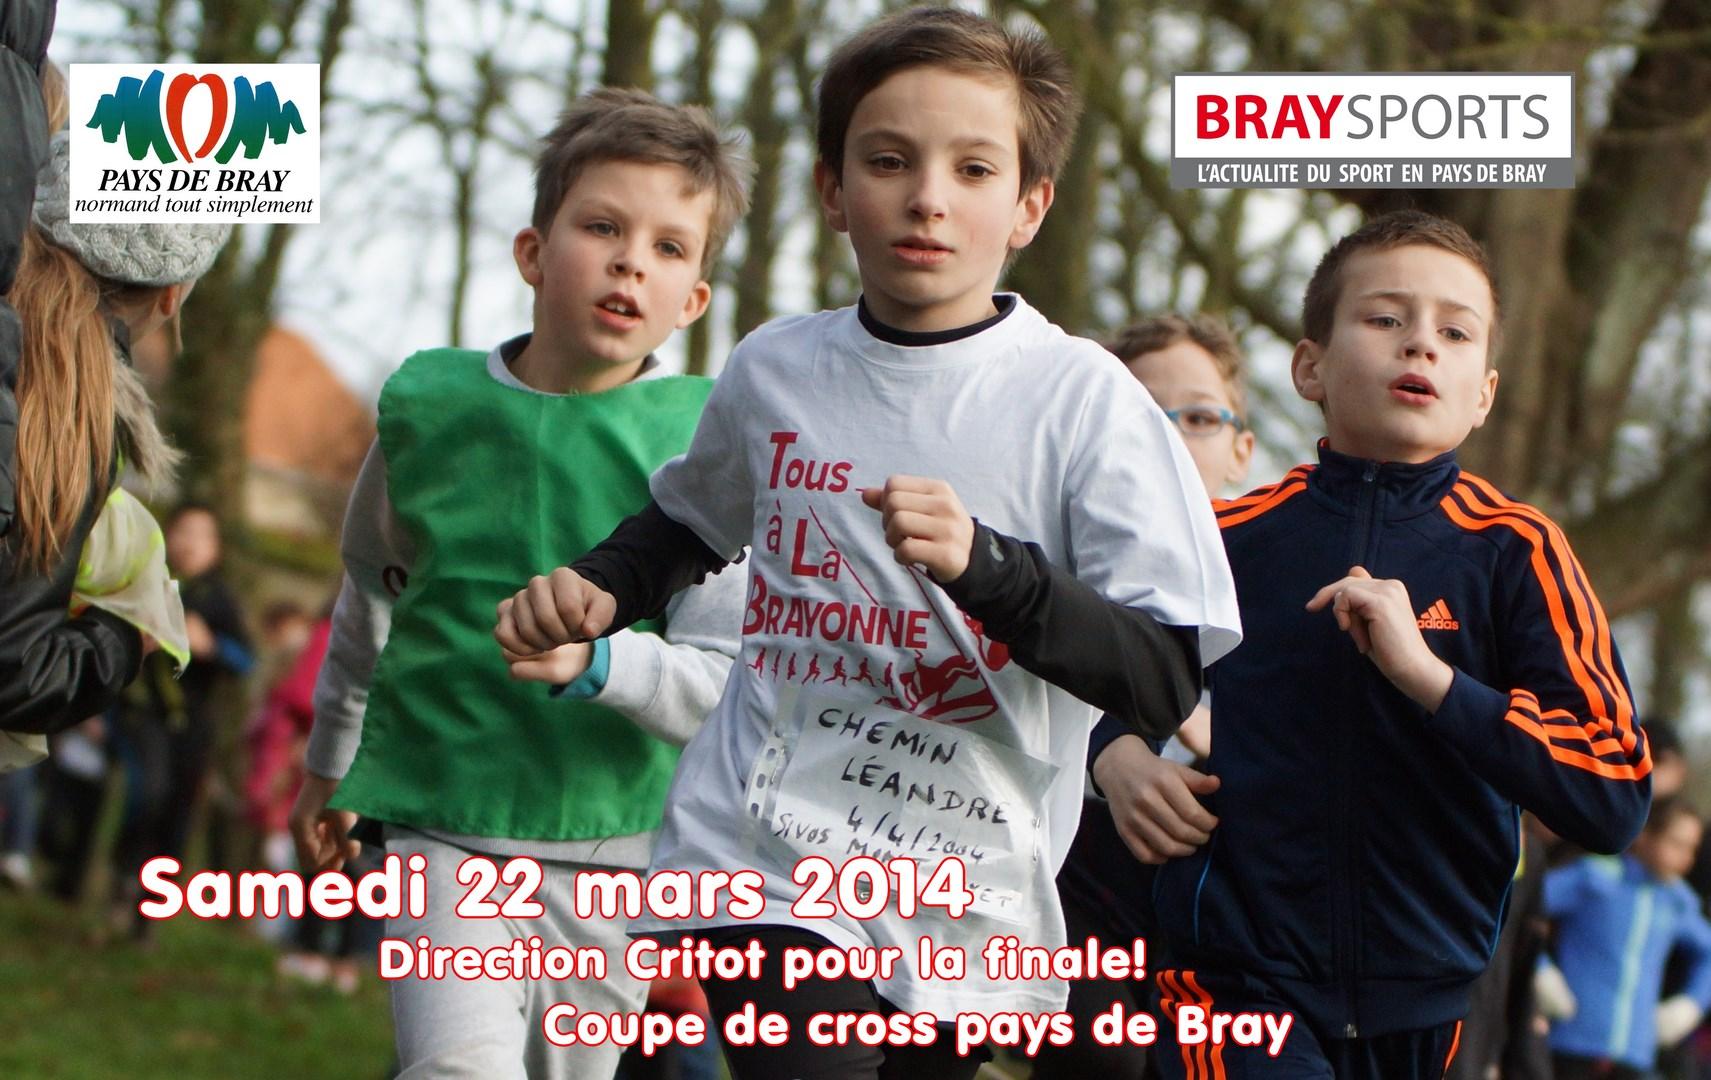 3ème étape coupe de cross Mesnières 15 fev 2014 (235) (Copier)